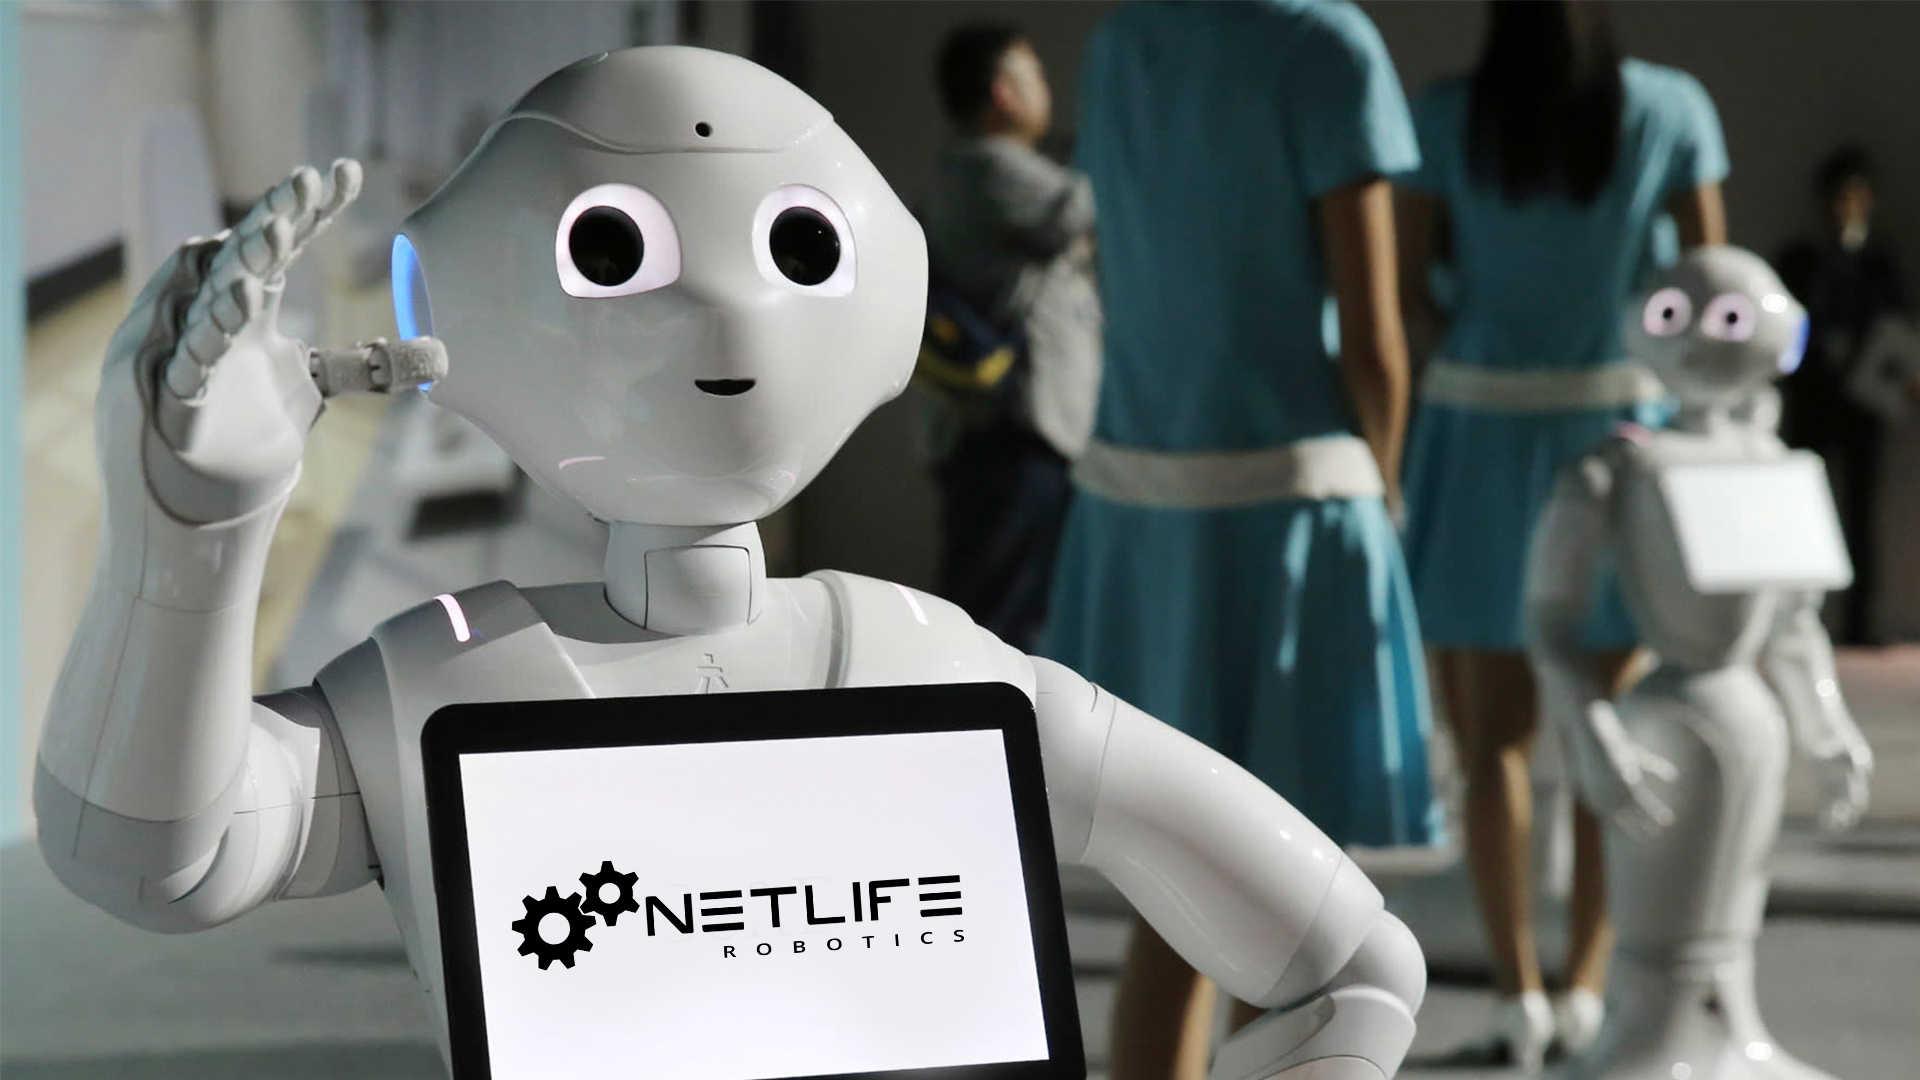 Pepper, a humanoid robot, a háttérben pedig kék ruhás nők, és egy másik robot látható.